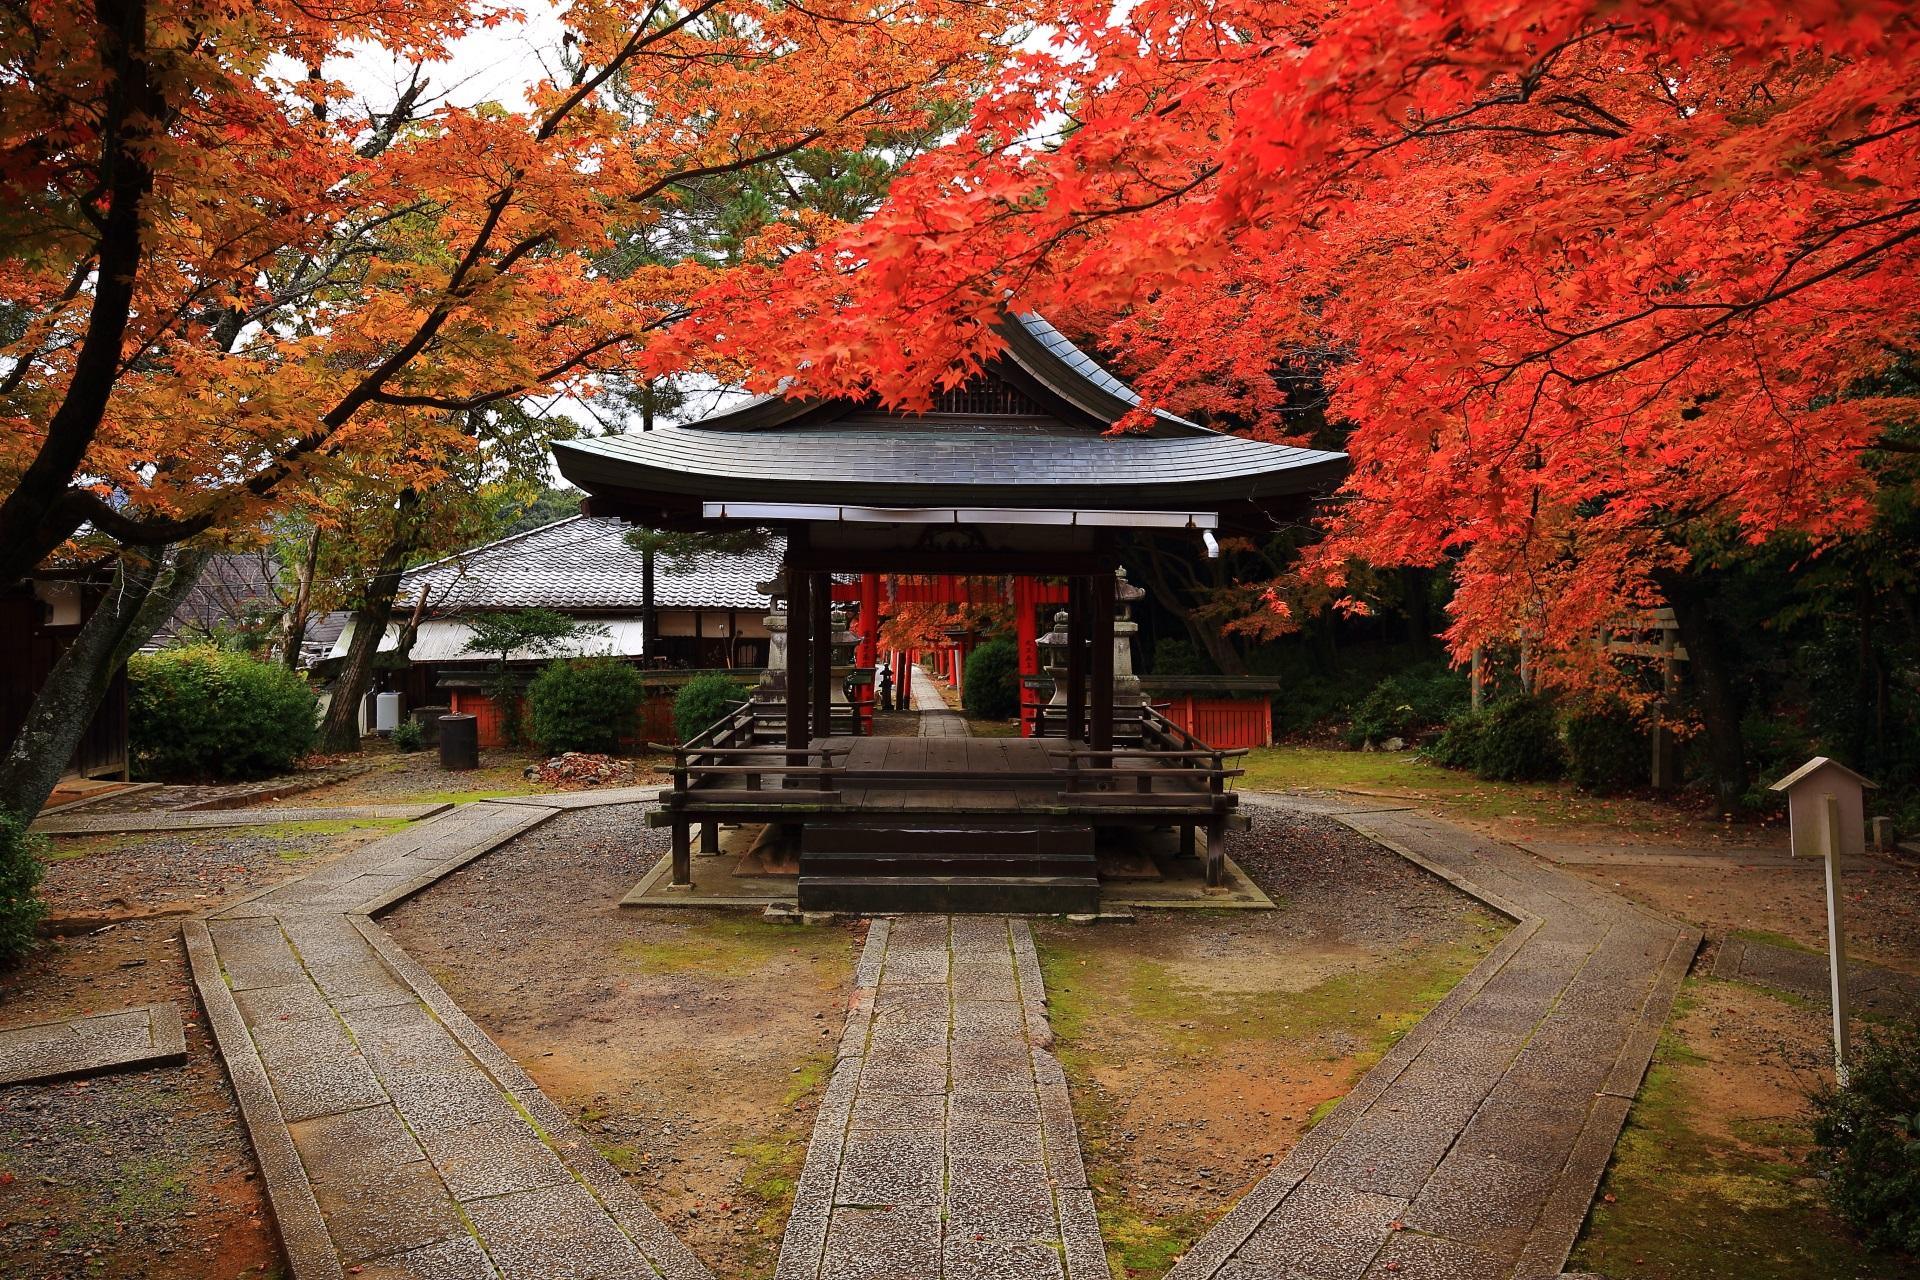 拝殿を彩る降り注ぐような紅葉